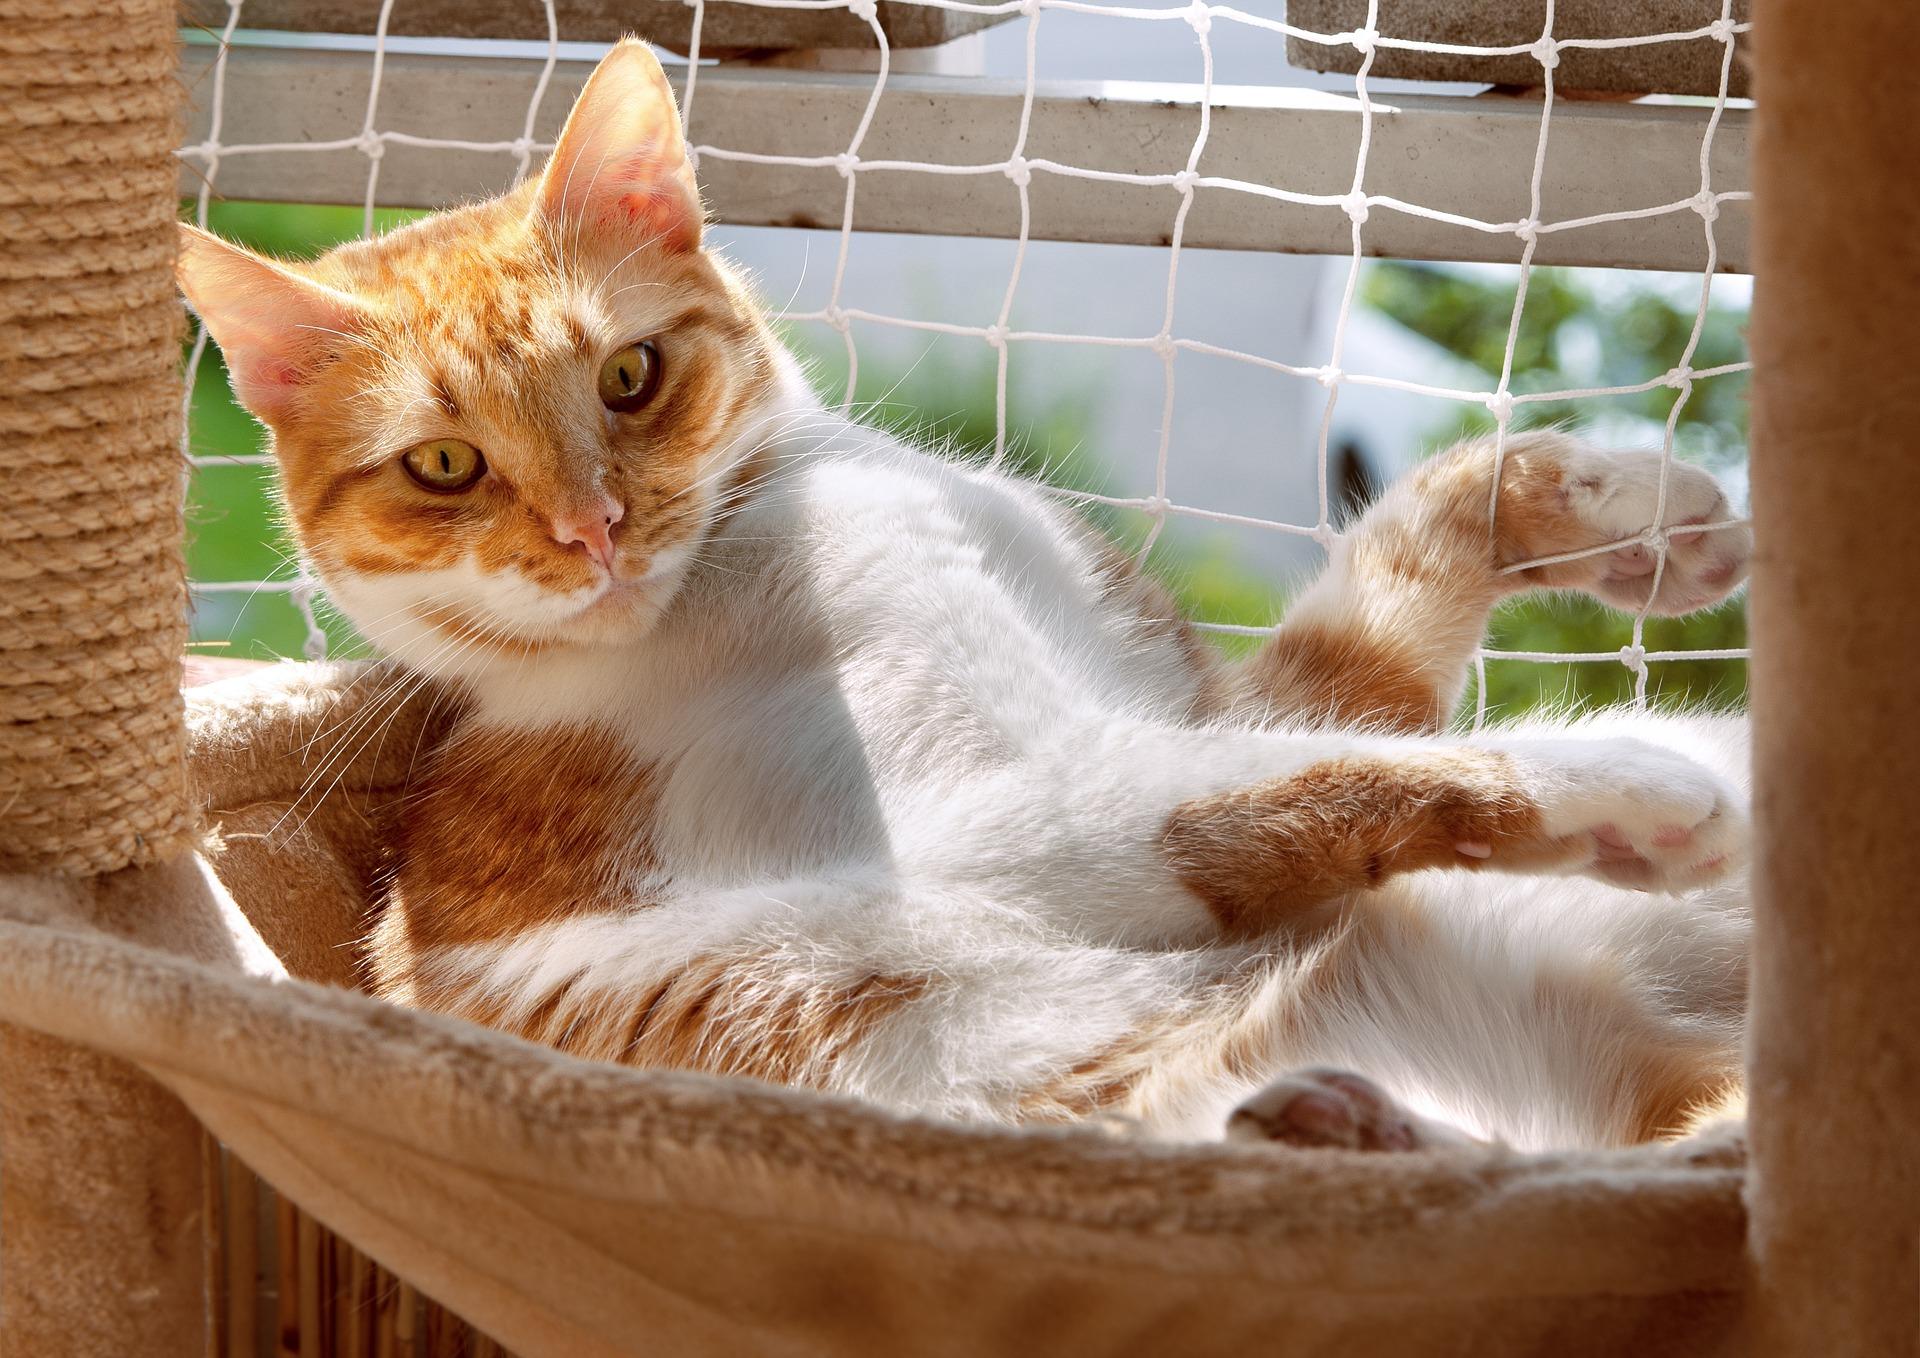 Przebywanie na balkonie wraz z kotem jest bardzo przyjemnym zajęciem. Zróbmy jednak wszystko, aby było to też bezpieczne.